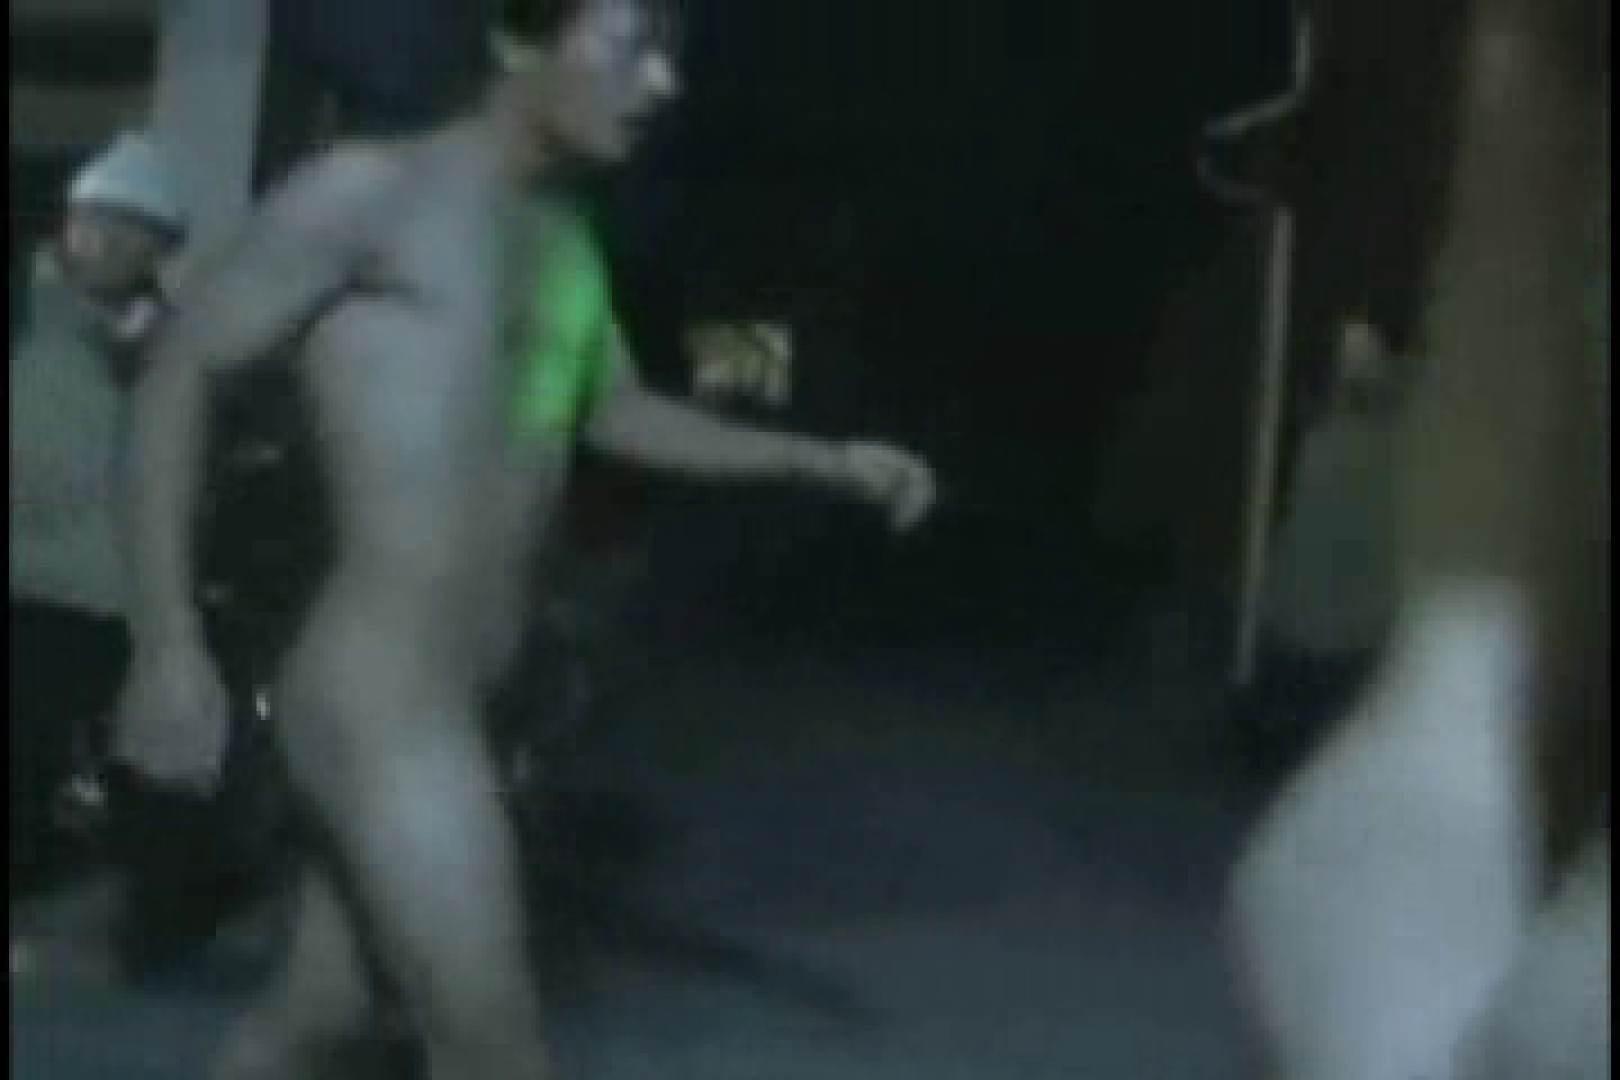 陰間茶屋 男児祭り VOL.3 男同士 | 男達の裸  13枚 7